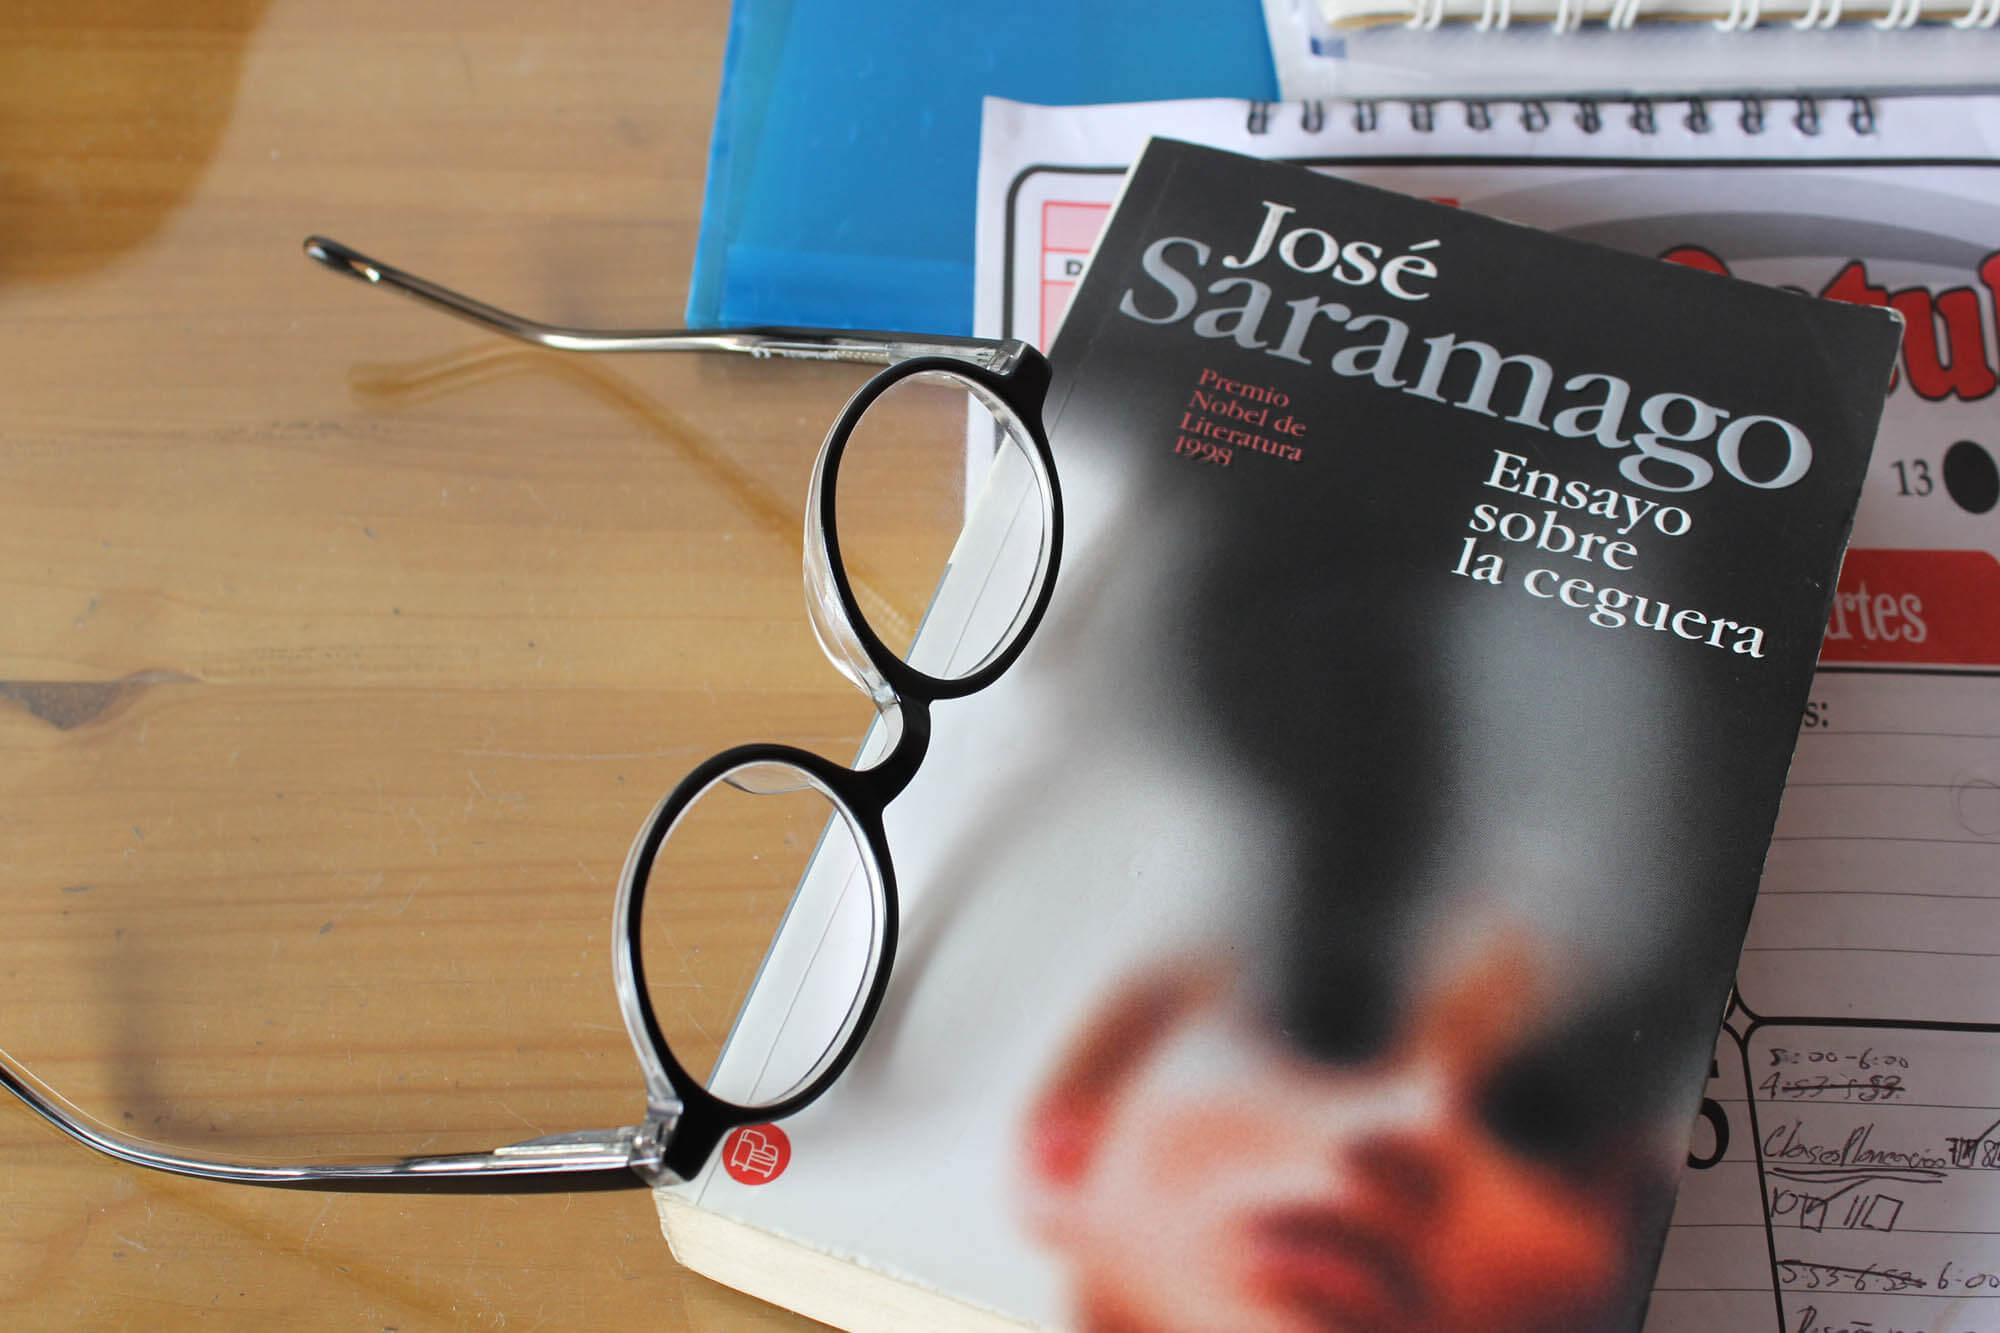 Ensayo sobre la ceguera - libro de José Saramago